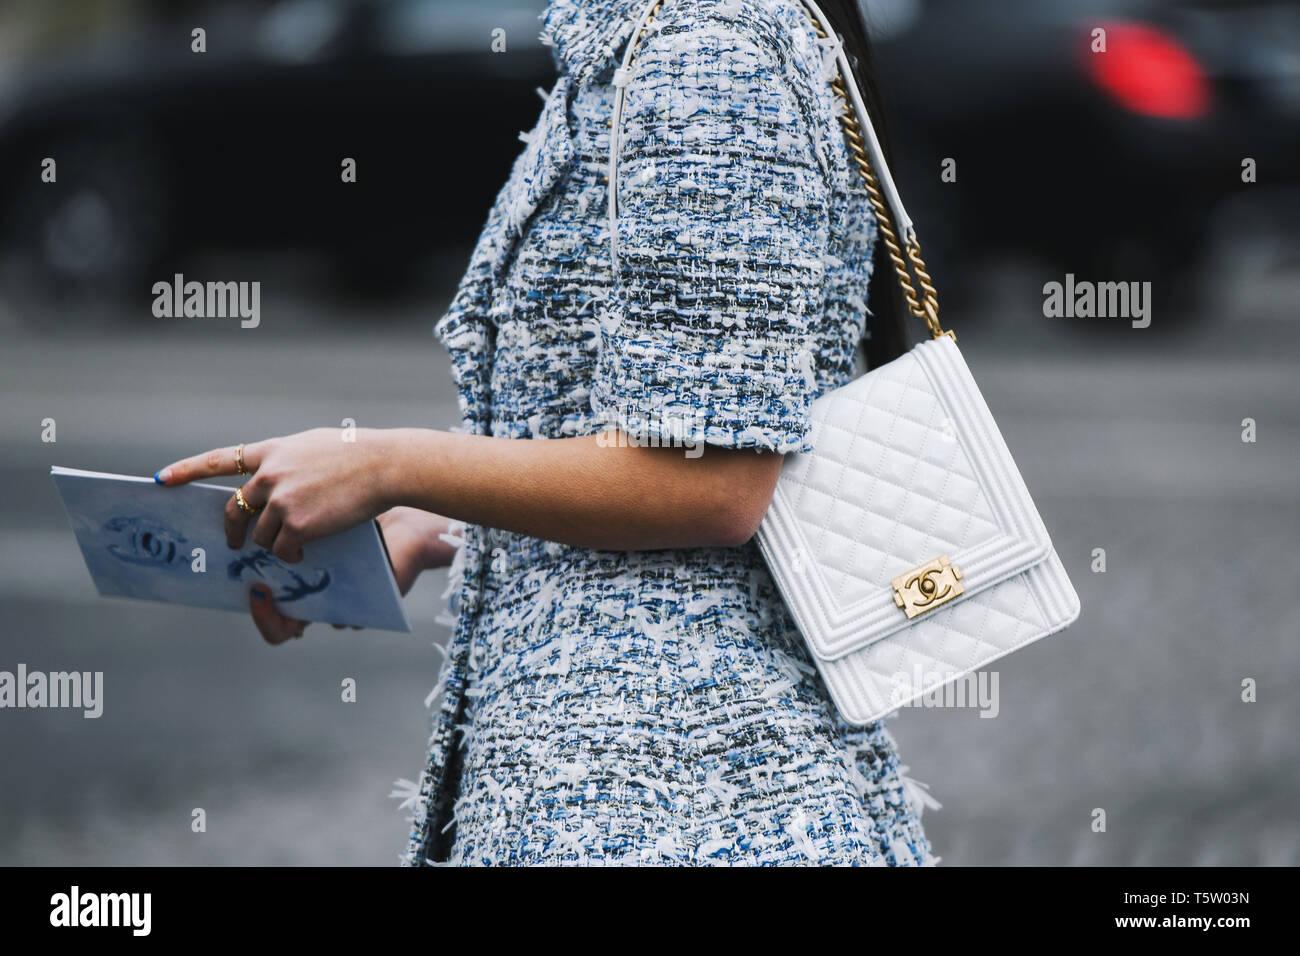 a4db7cbe7 París, Francia - 5 de marzo de 2019: Street Style - Traje Chanel antes